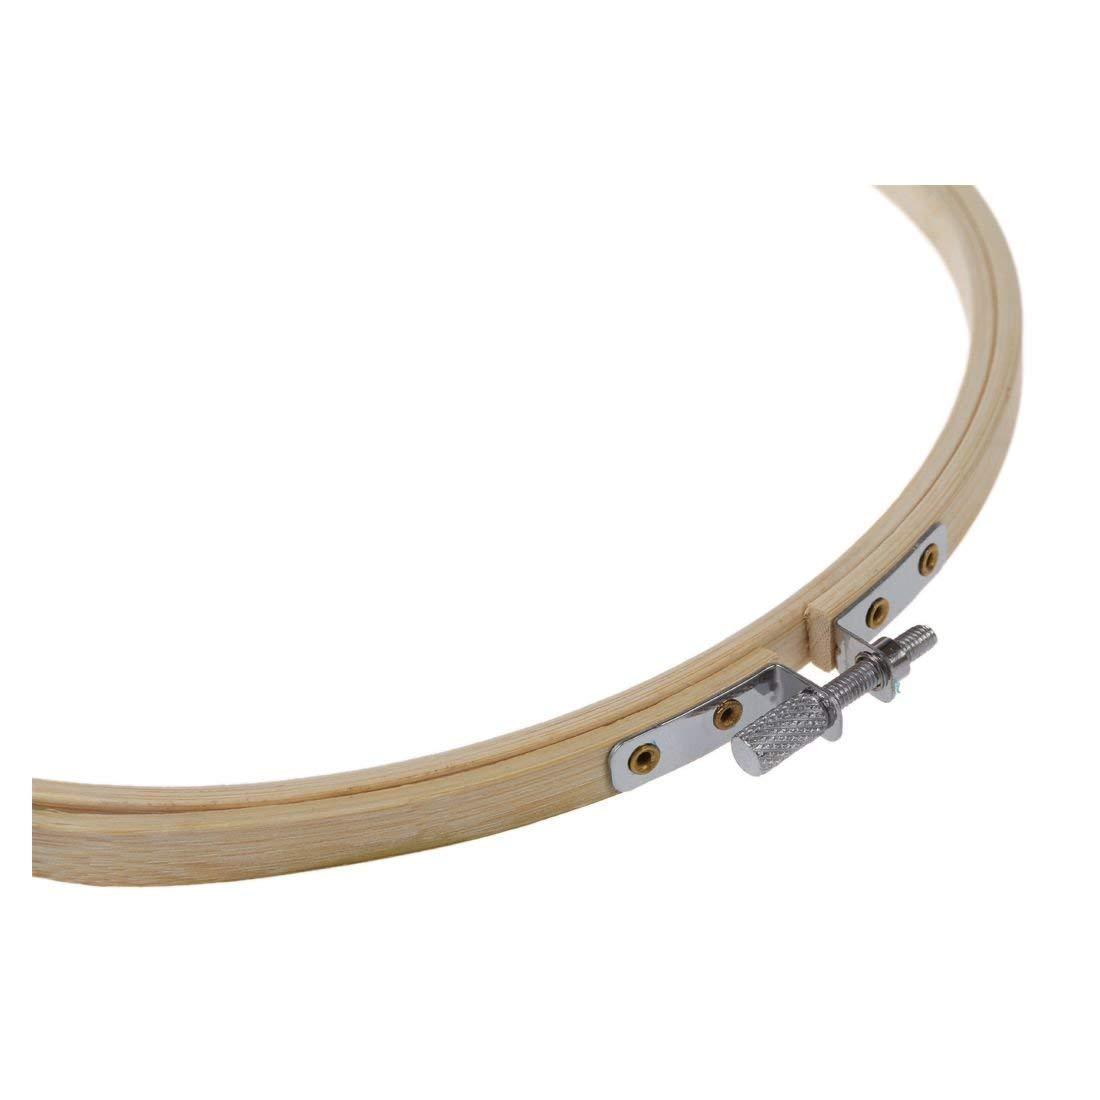 3 piezas 3 tama/ños aros de bordado de bamb/ú c/írculo de punto de cruz anillo de aro 5//6.7//7.9 pulgadas para bordar y punto de Cruz